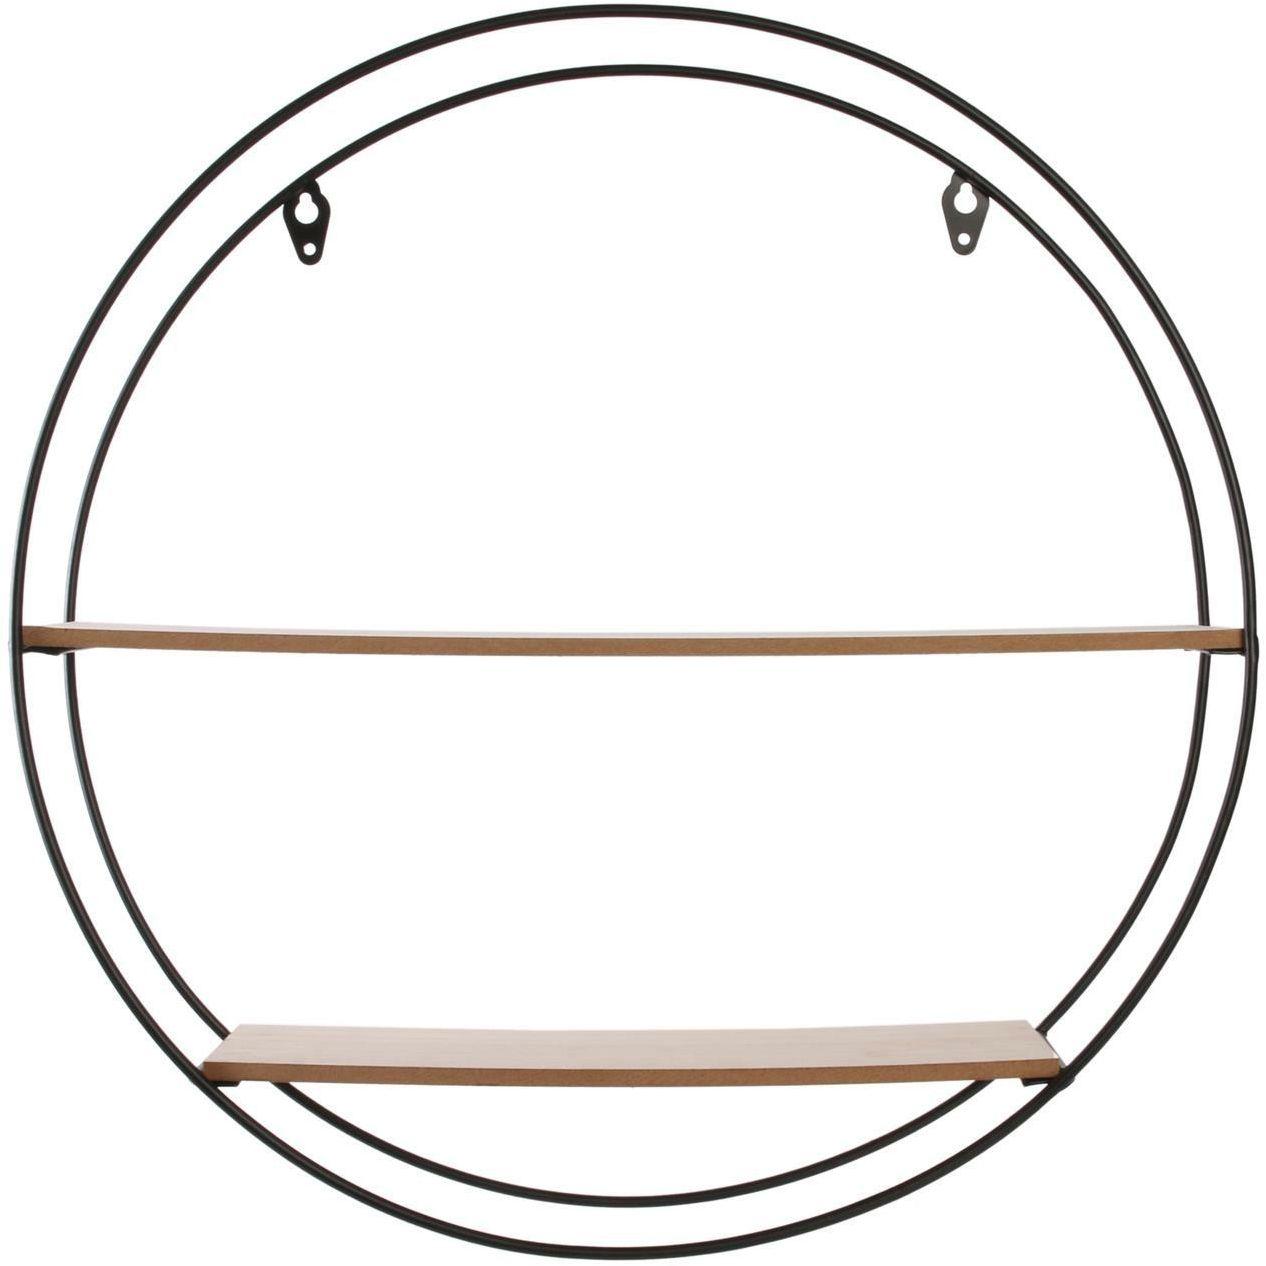 Półka RING czarny-jasny dąb